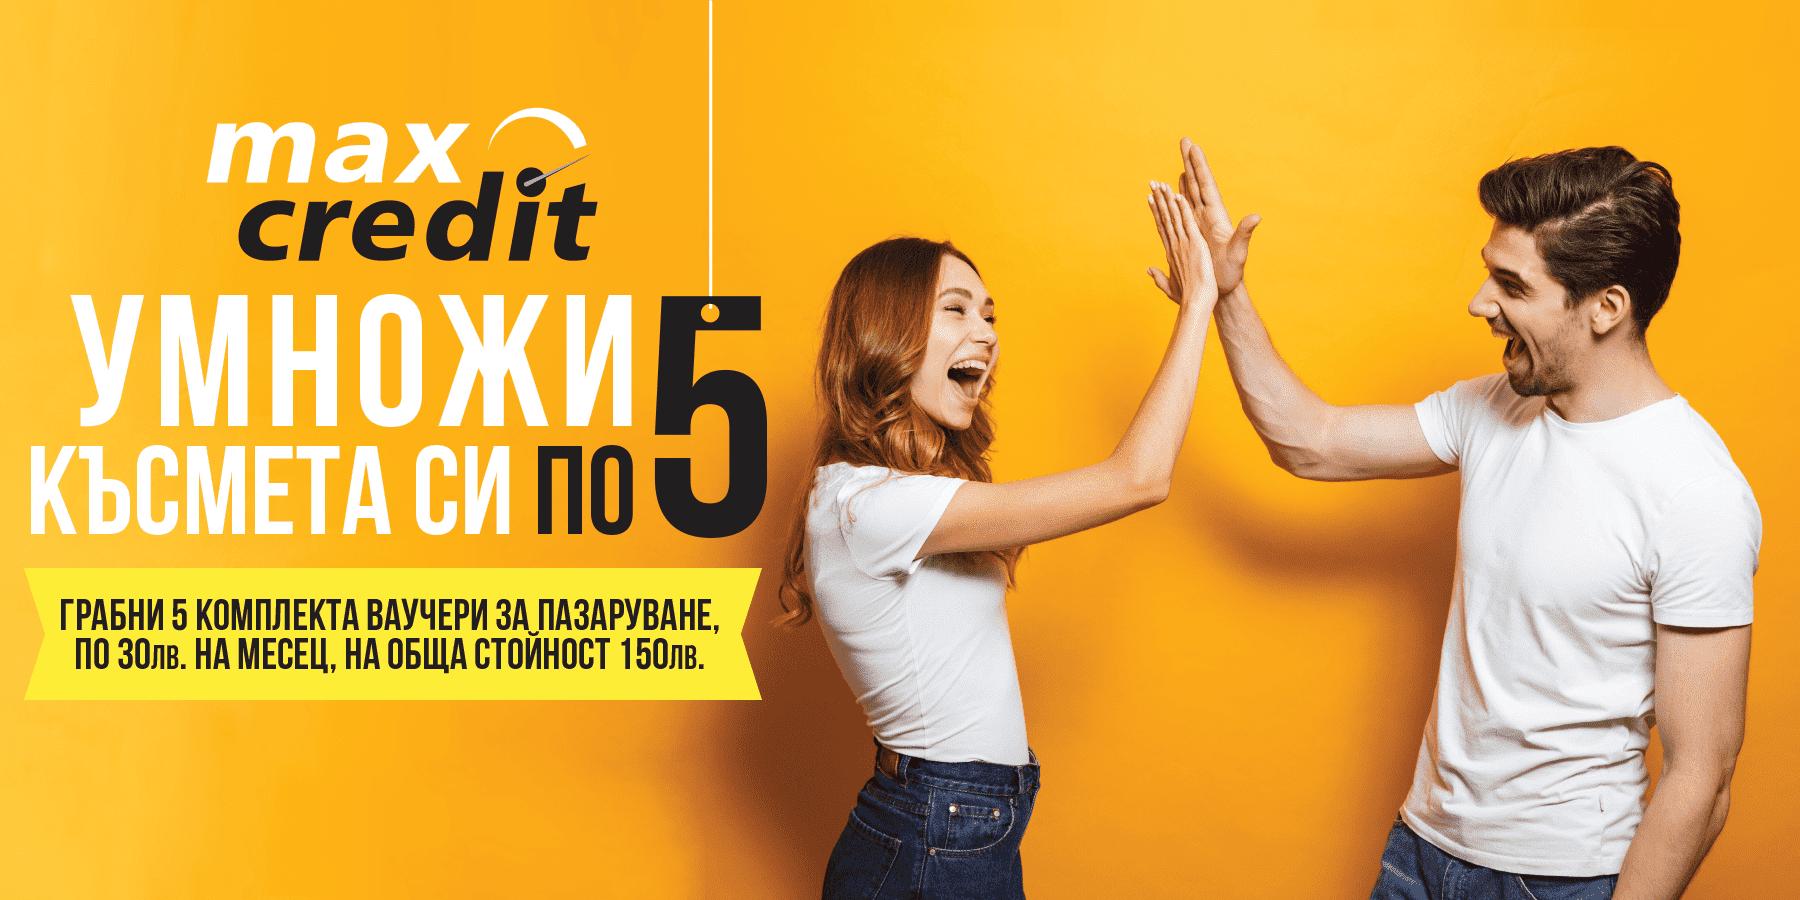 """Макс Кредит зарадва 28 свои Клиенти от Кампанията """"Умножи късмета си x 5 с Макс Кредит!"""""""